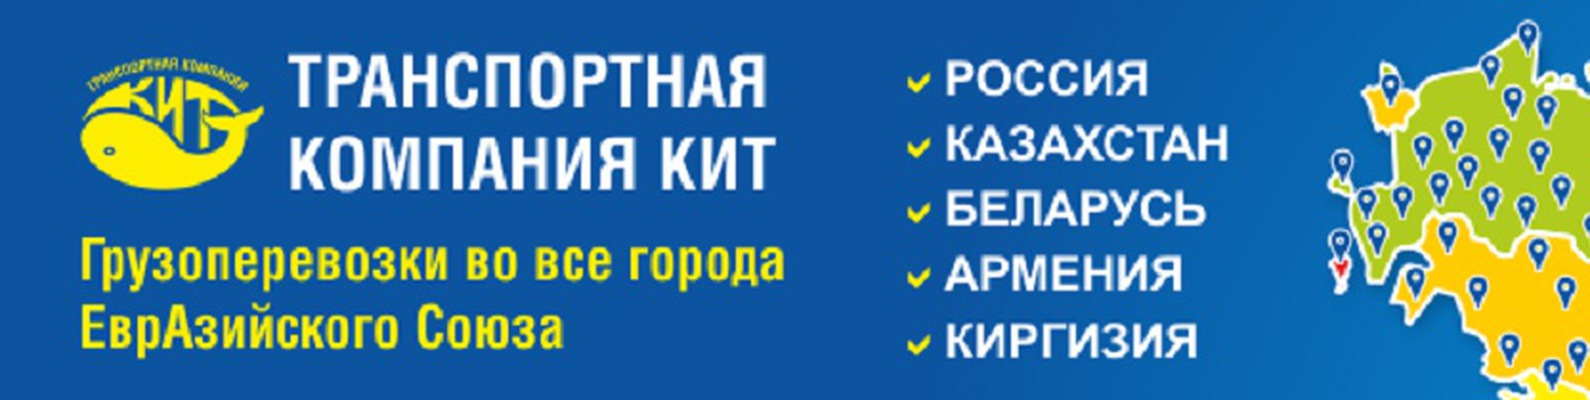 Кит компания новосибирск официальный сайт инертек страховая компания официальный сайт